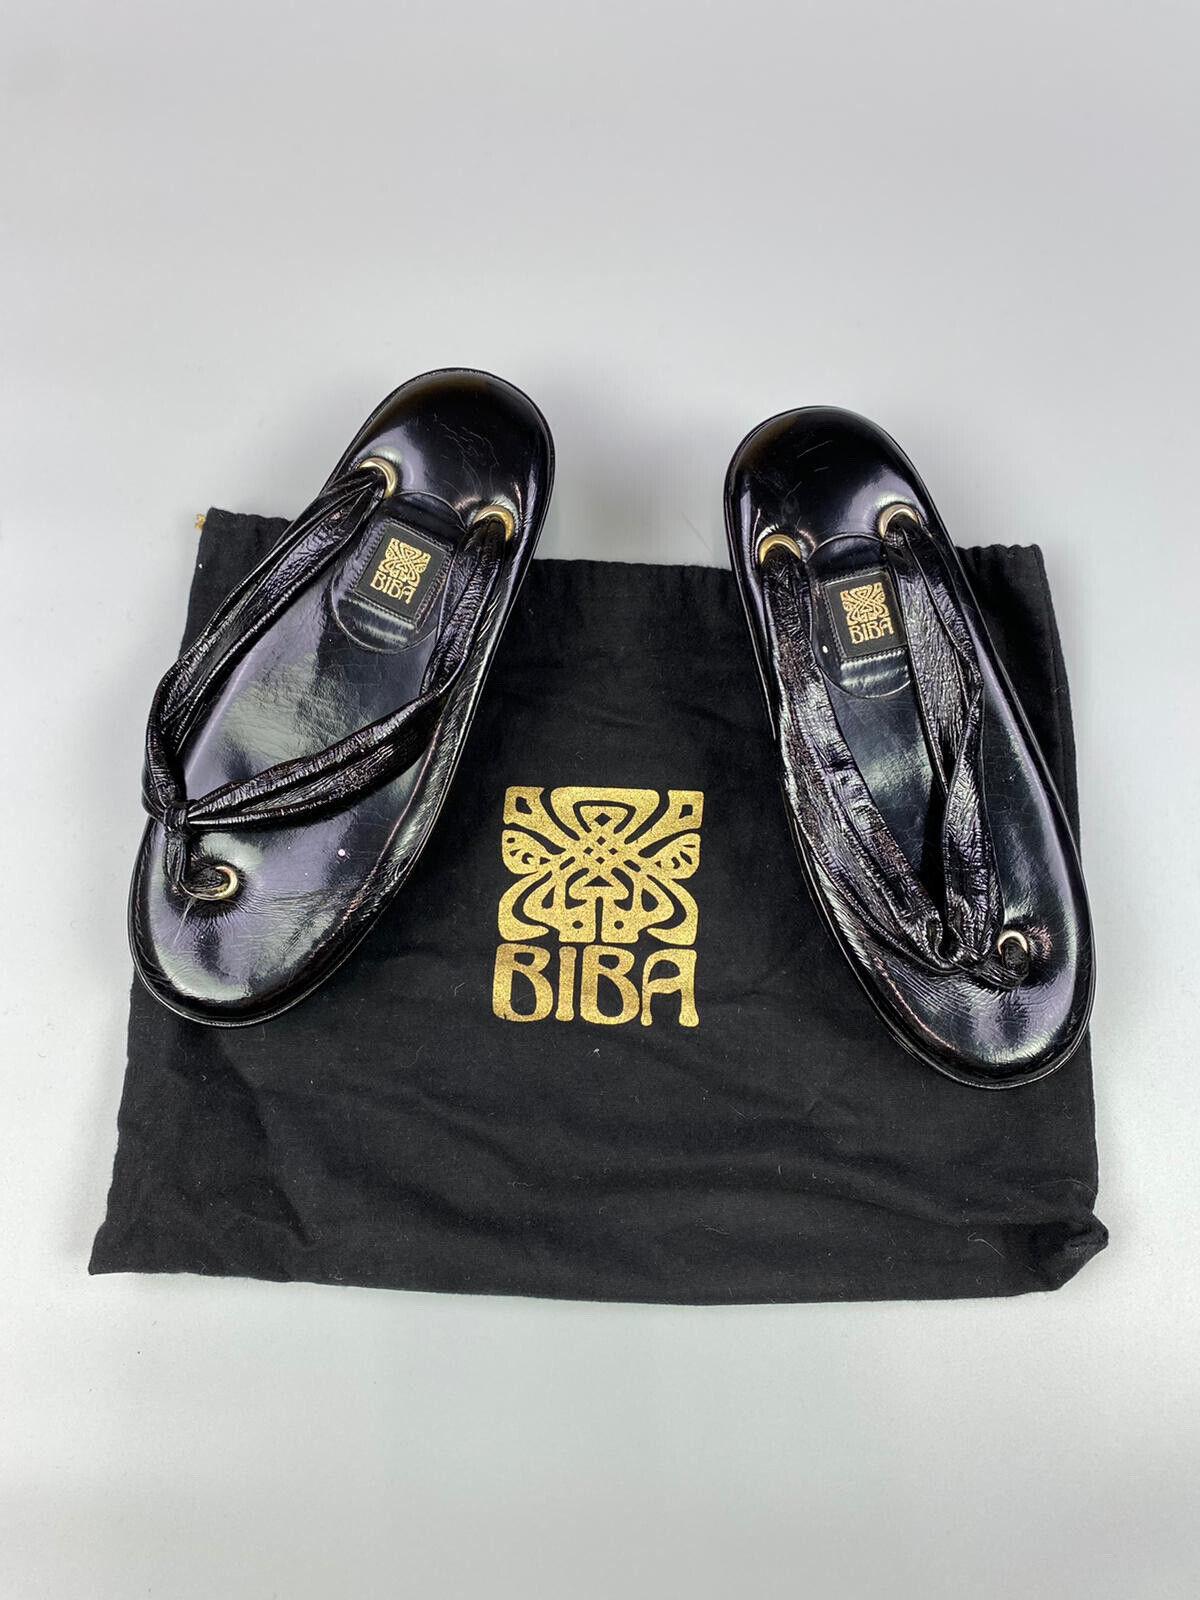 (boxed) Authentique BIBA Noir Patent Wedge Sandales. Eur 40/UK 7